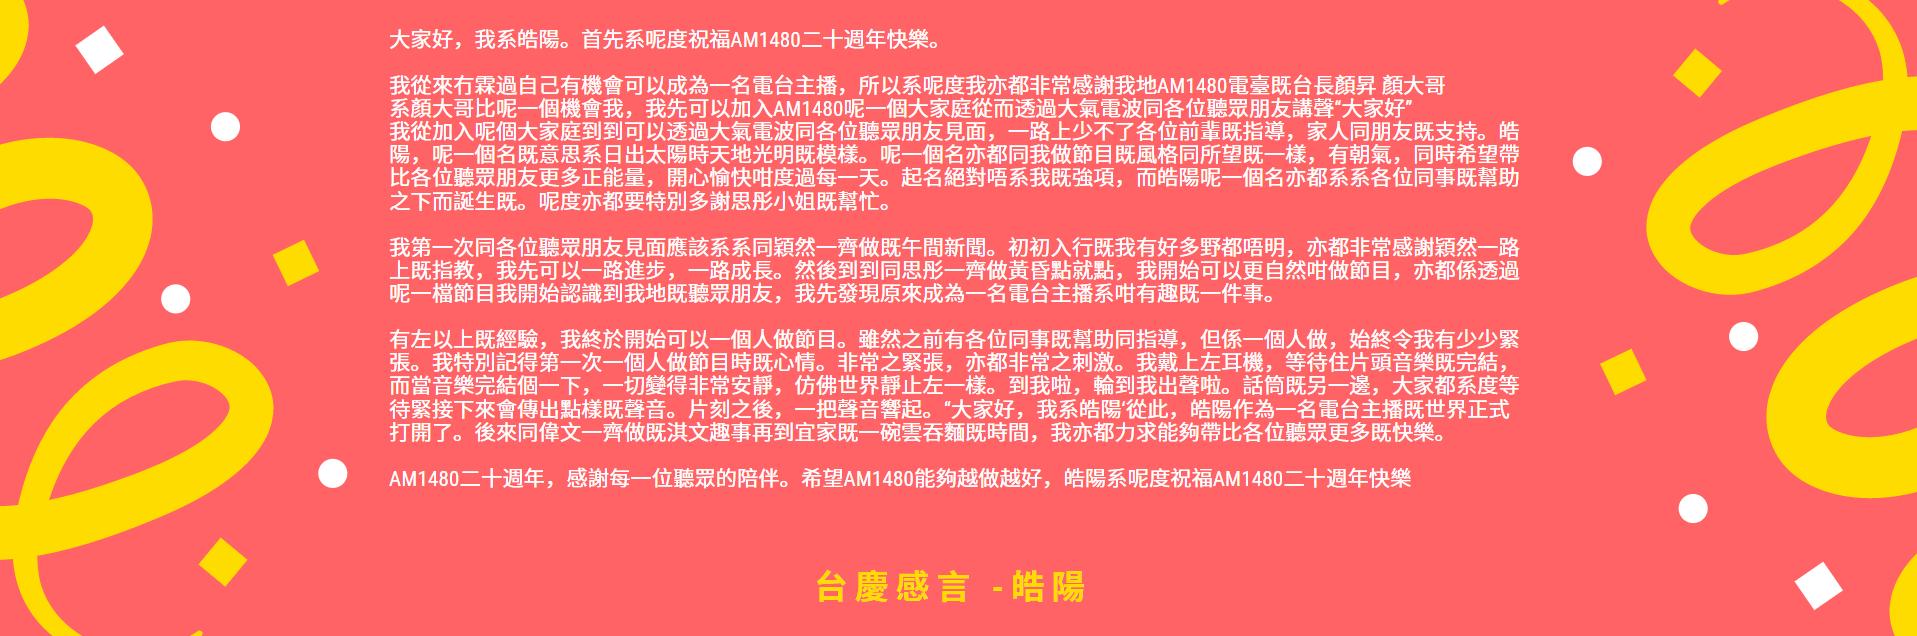 台慶感言 -皓陽